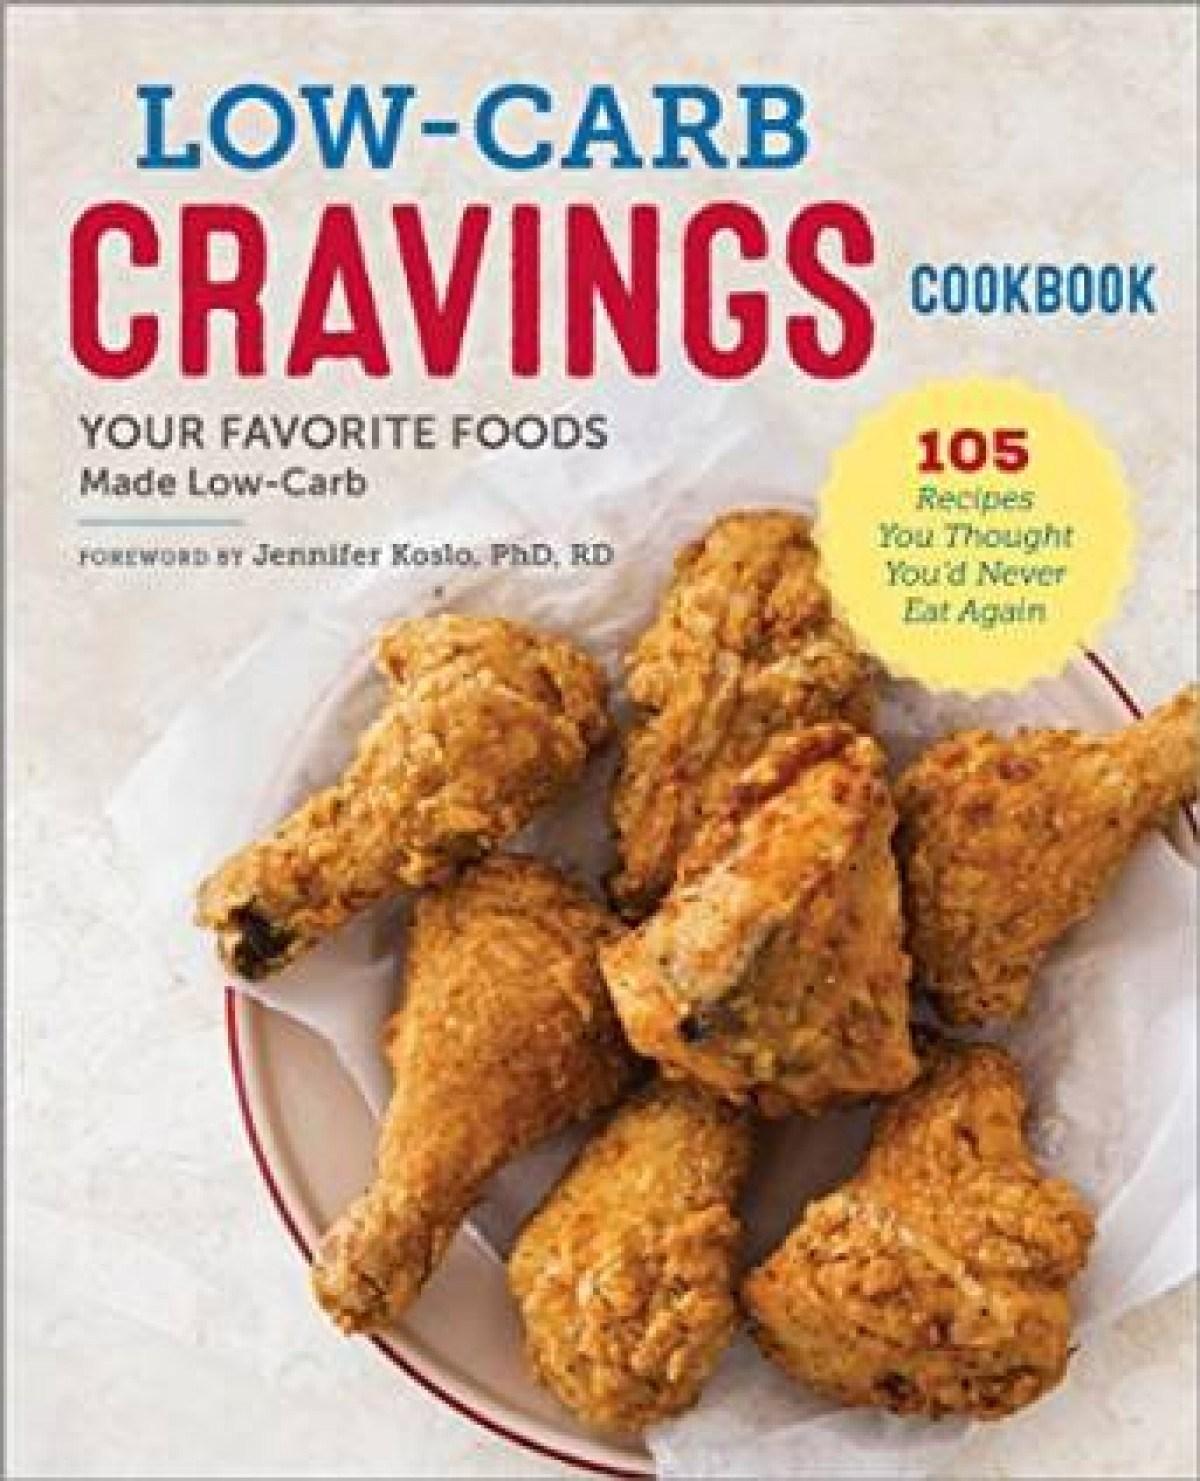 Low-carb Cravings Cookbook